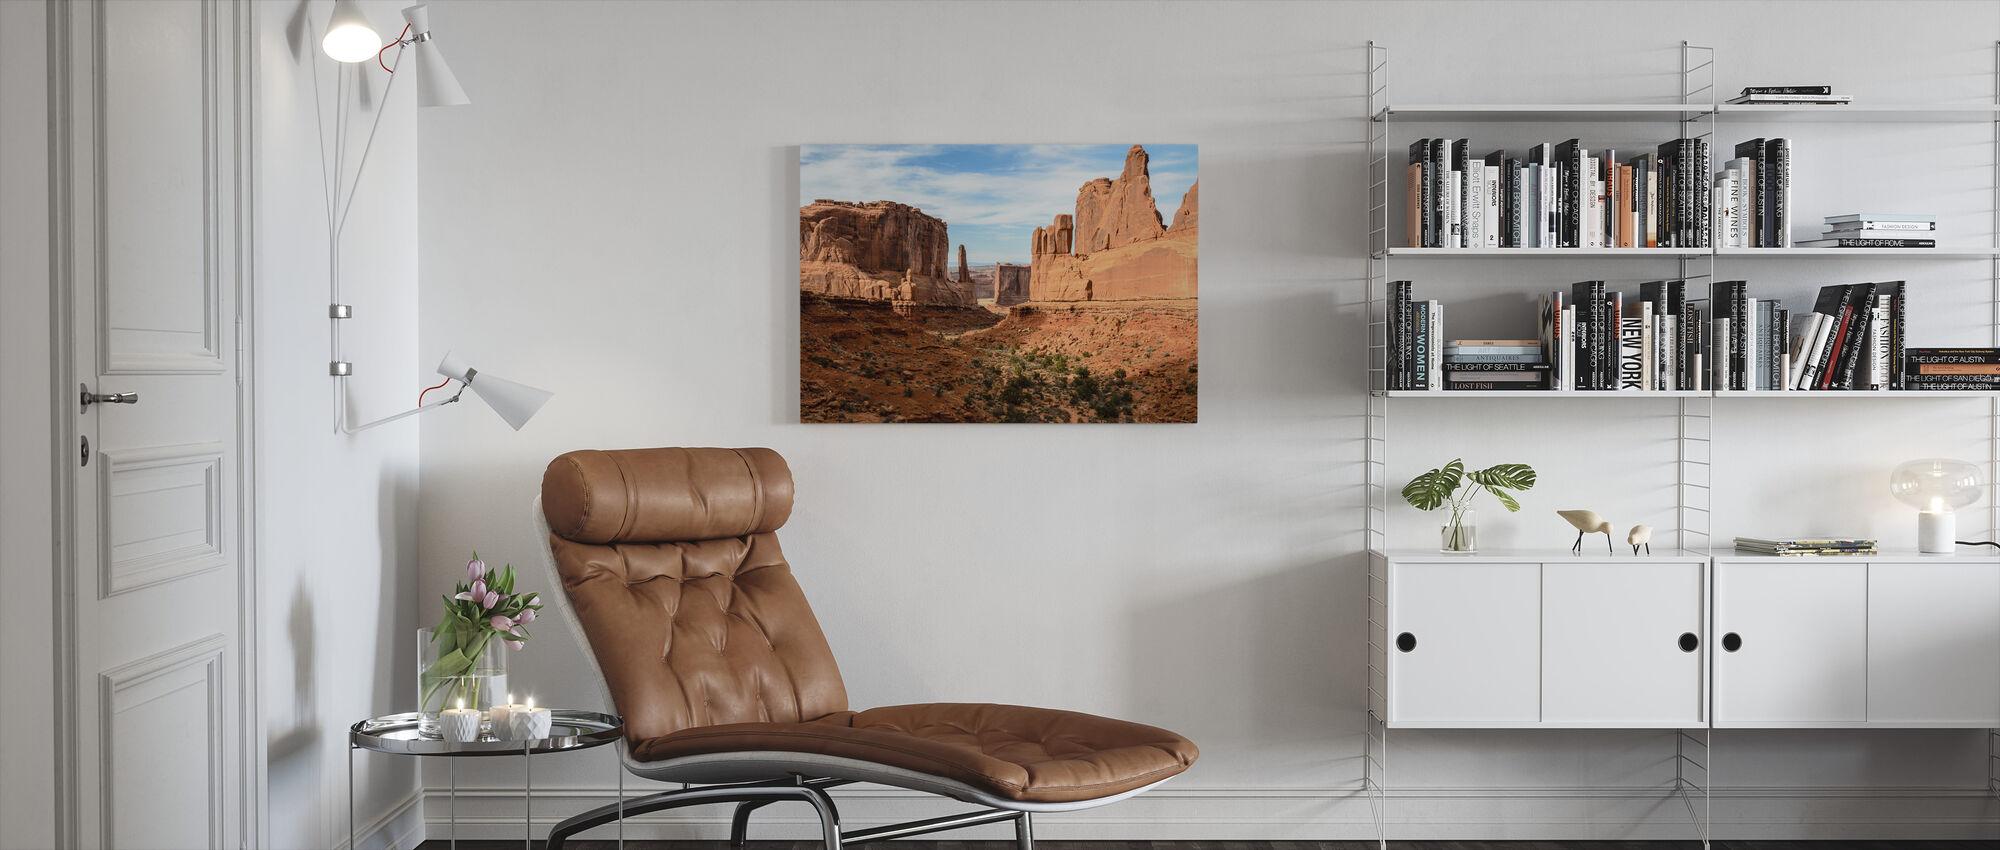 Park Avenue, Arches National Park - Canvas print - Living Room